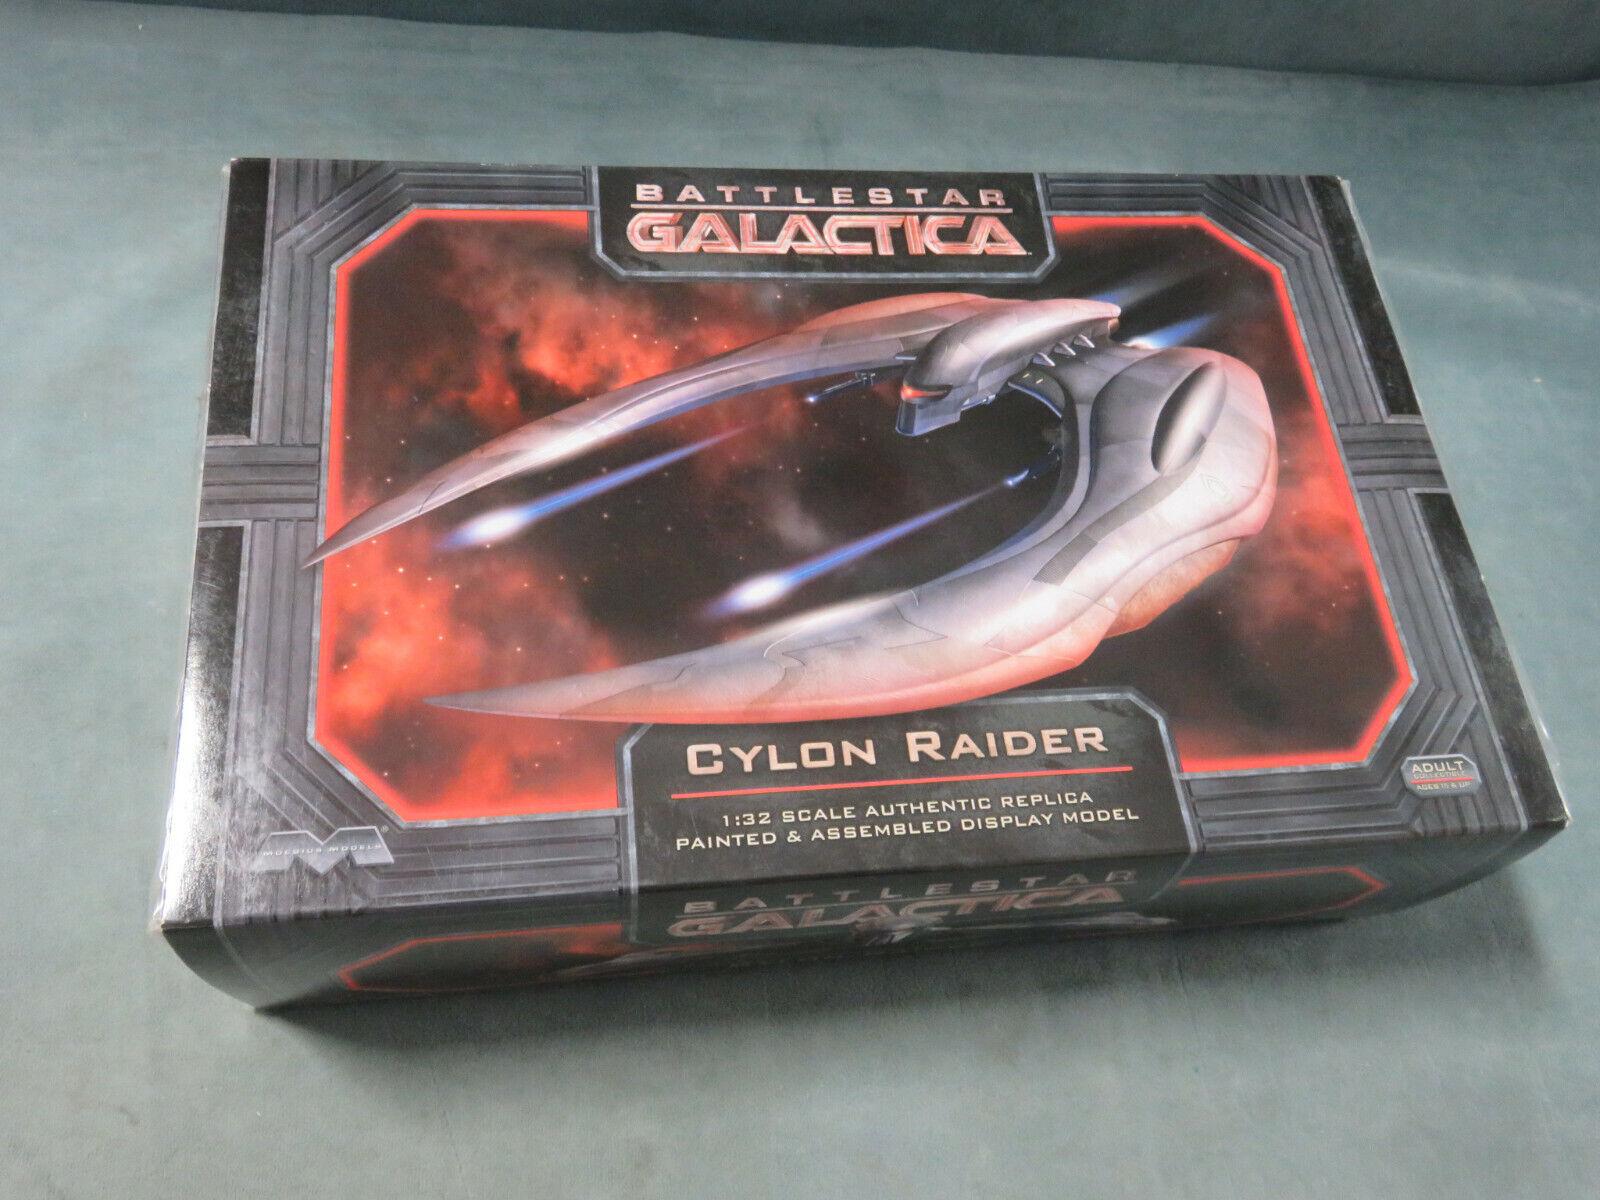 slåssstjärna GALACTIC Cylon Raider 1 32 skala RAME BEDÖDSmodellllerL Ny (2012)